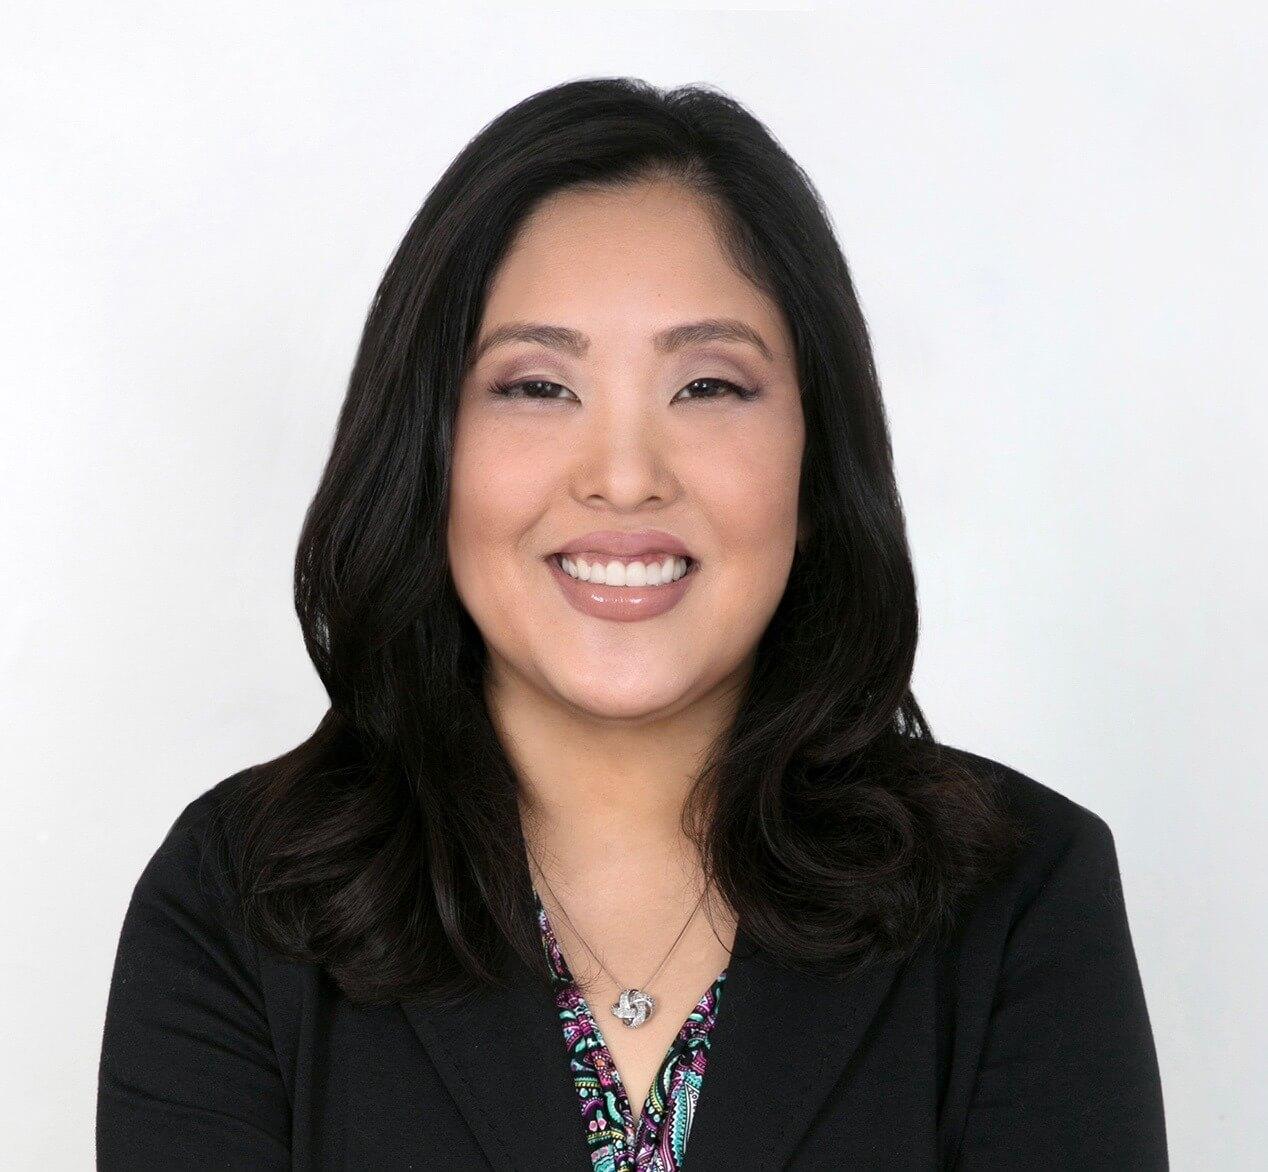 Photo of Christine J. Hatchard, Psy.D.